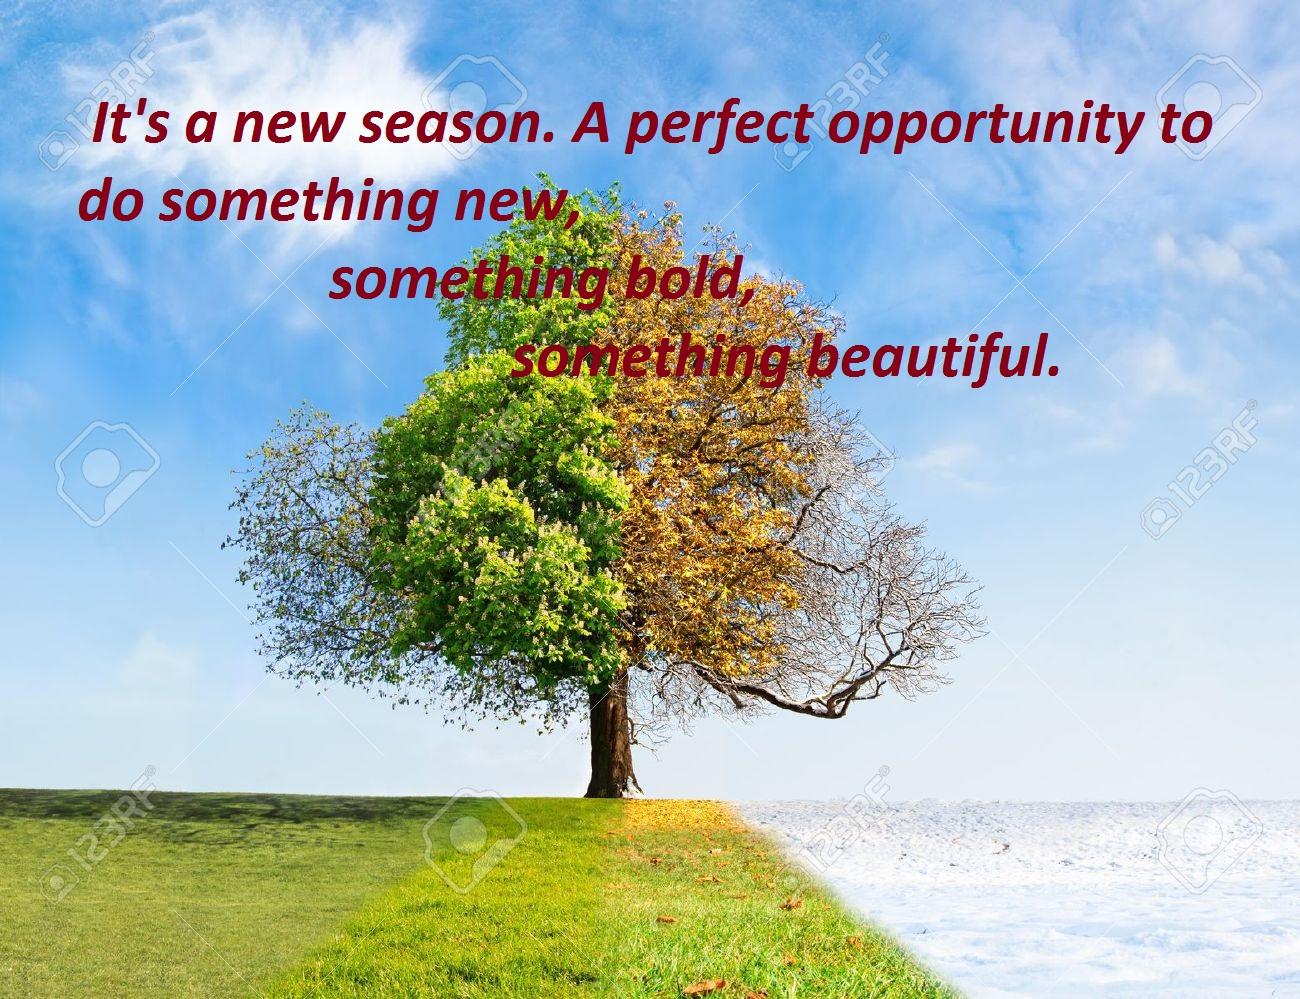 Seasons Change Quotes